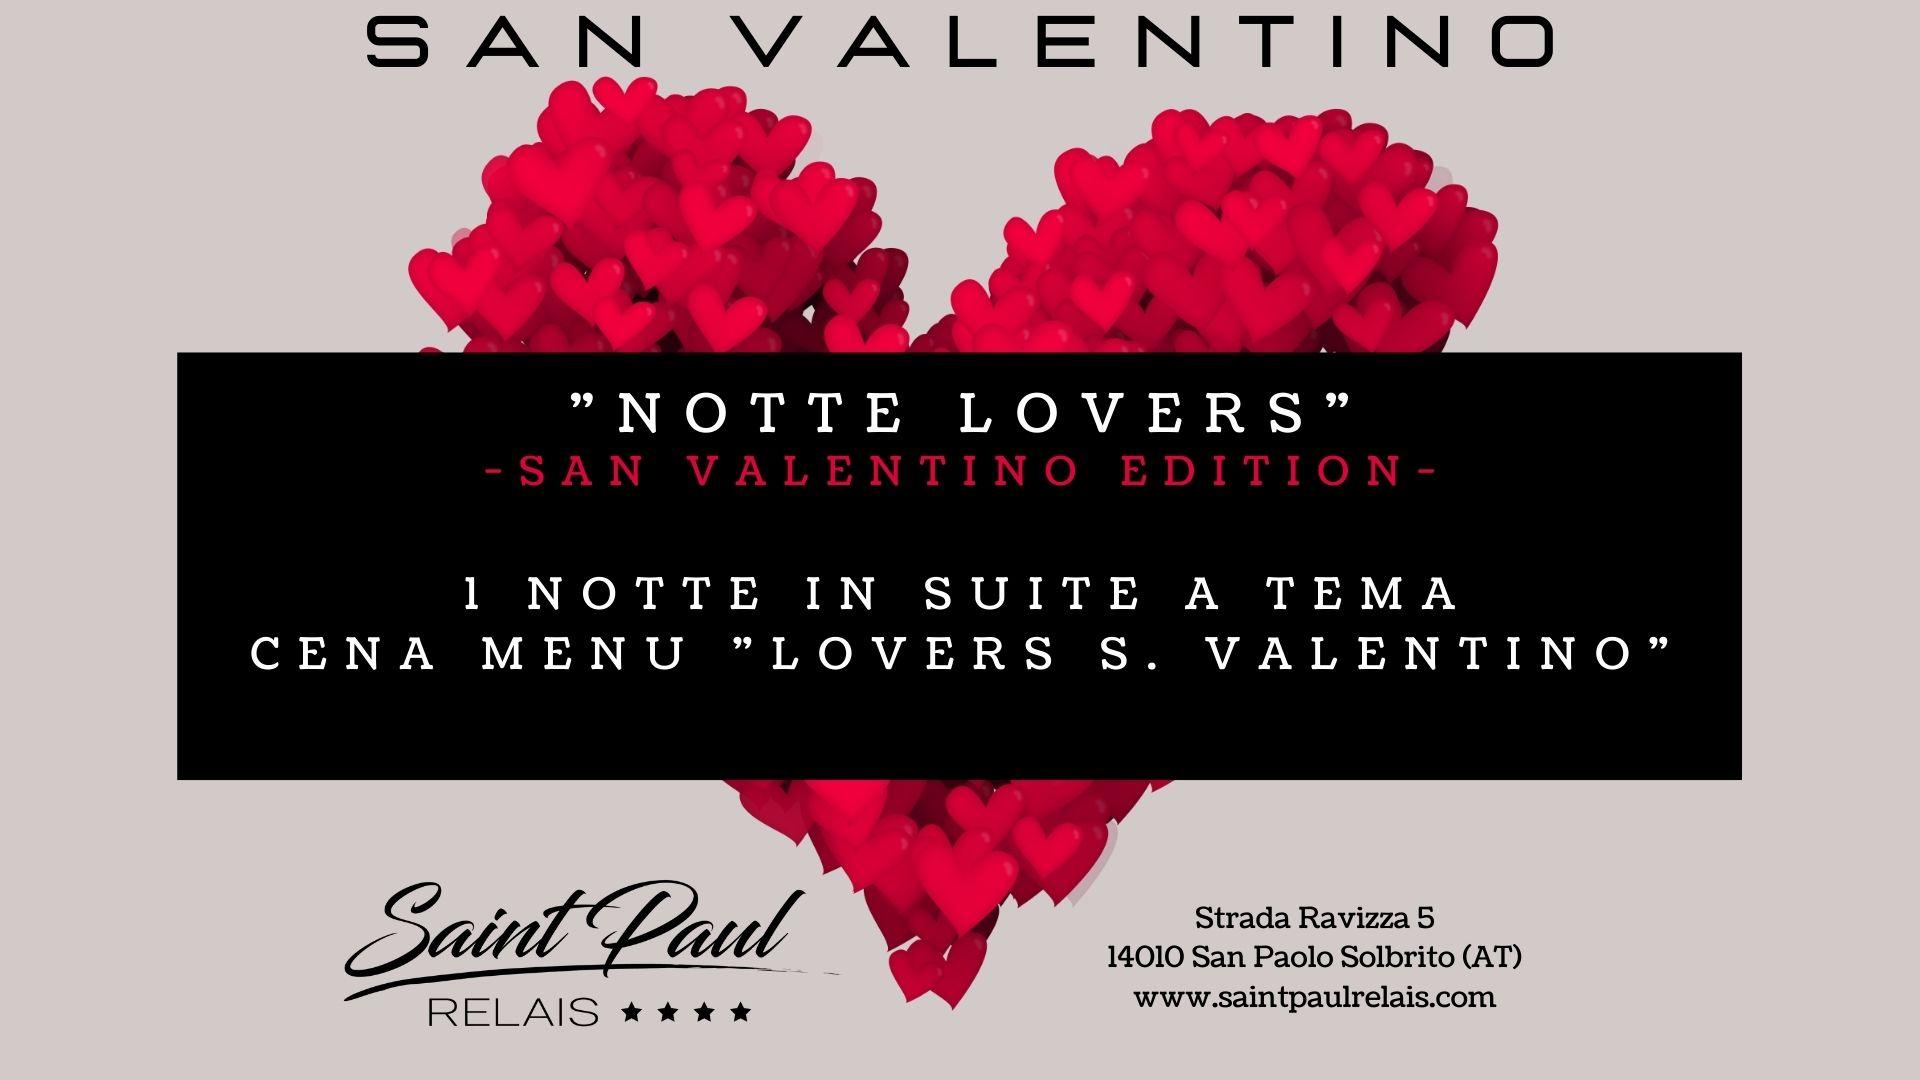 1 notte lovers San Valentino Saint Paul Relais